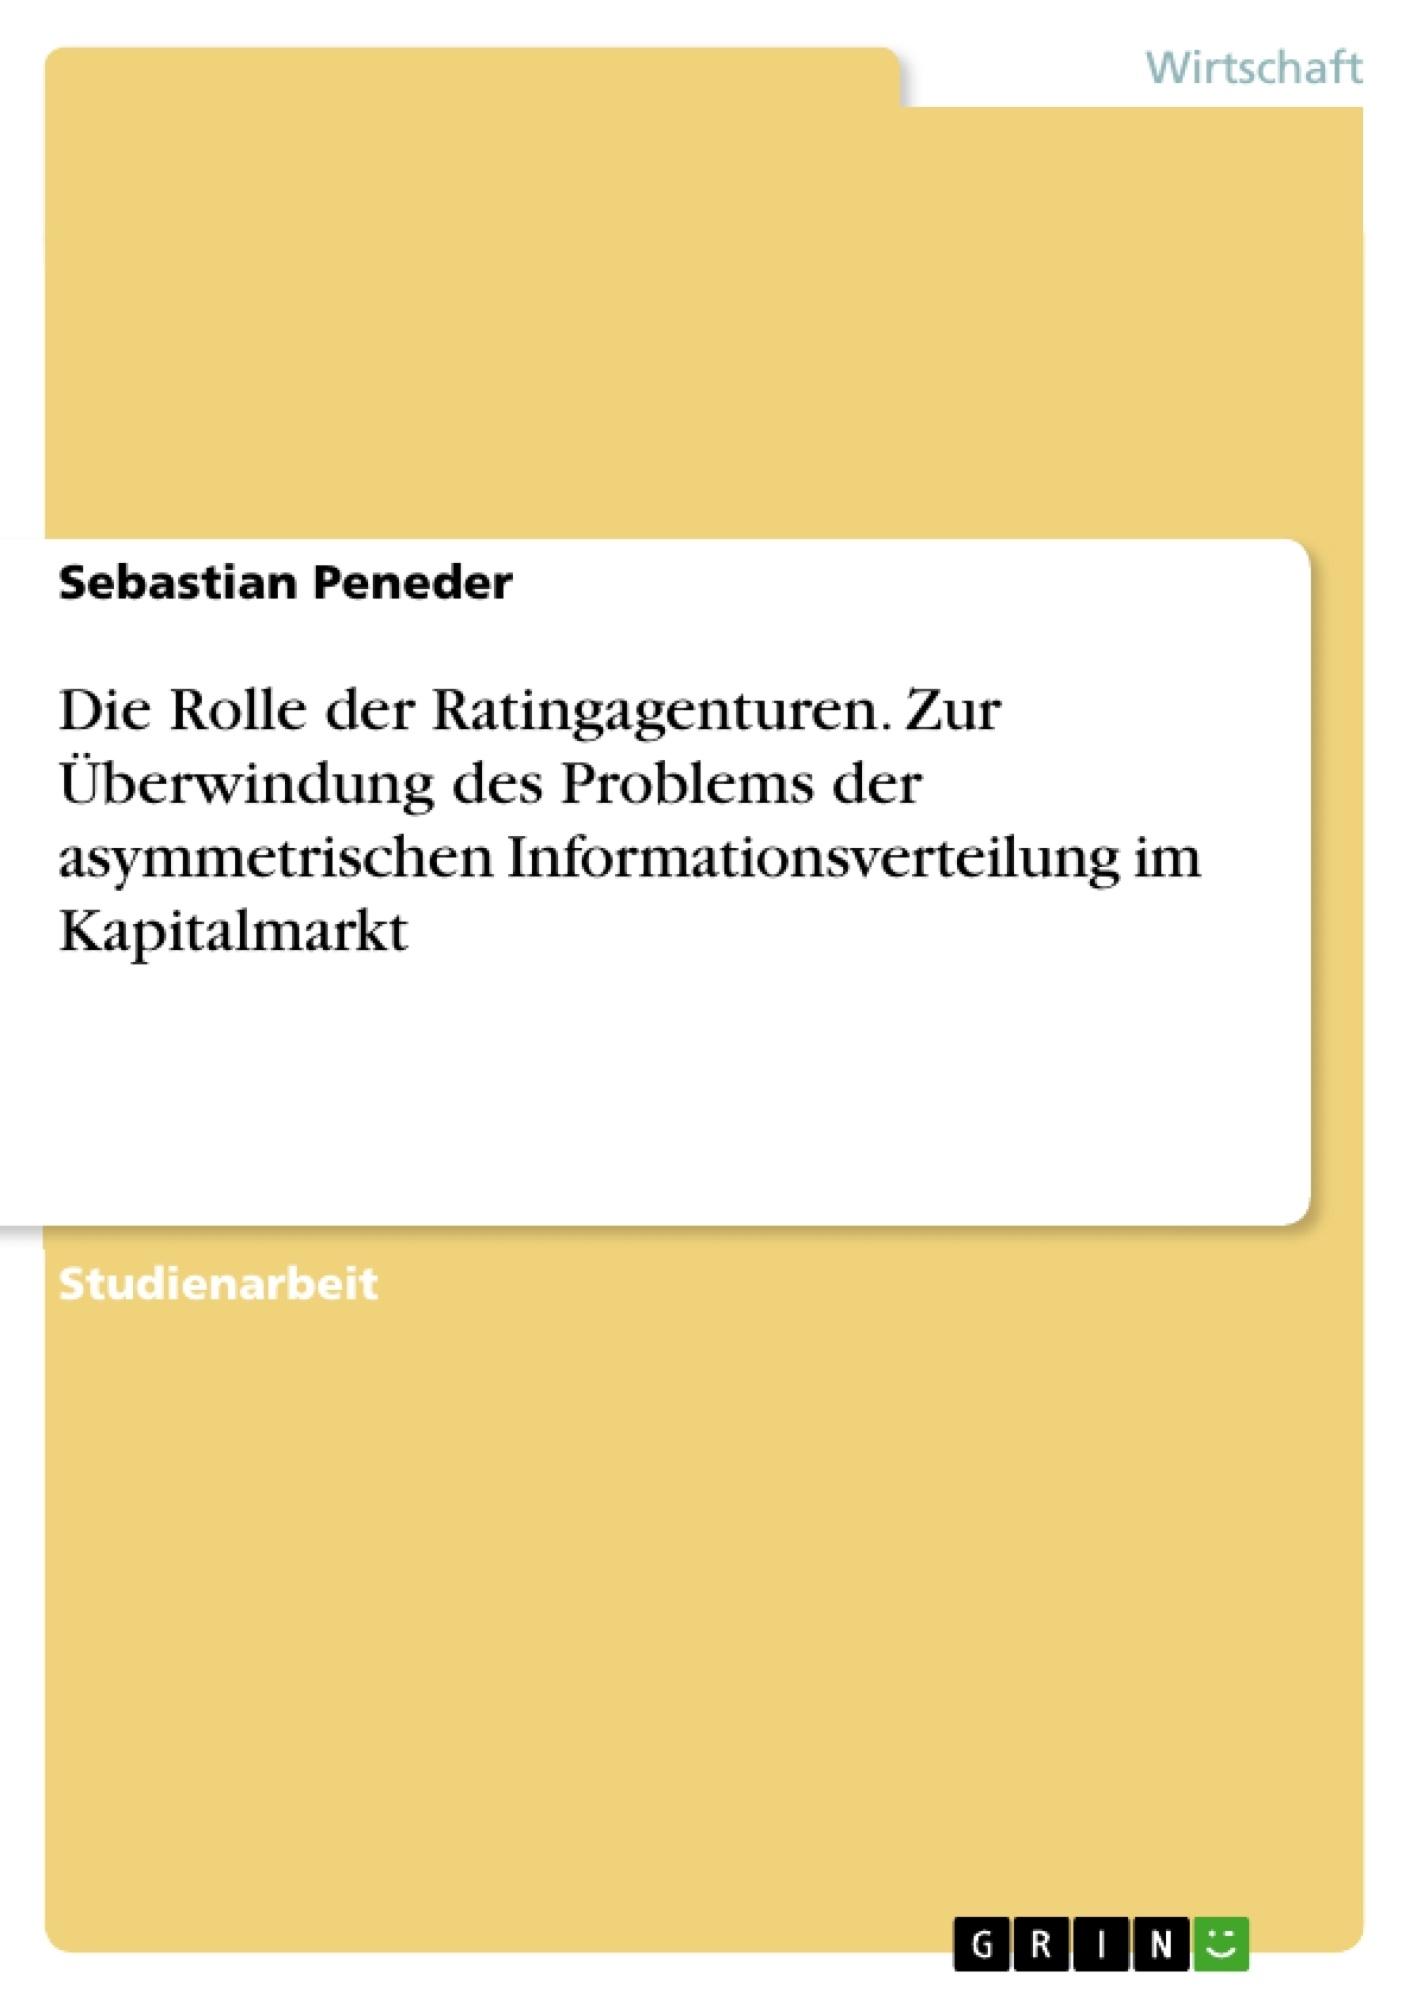 Titel: Die Rolle der Ratingagenturen. Zur Überwindung des Problems der asymmetrischen Informationsverteilung im Kapitalmarkt